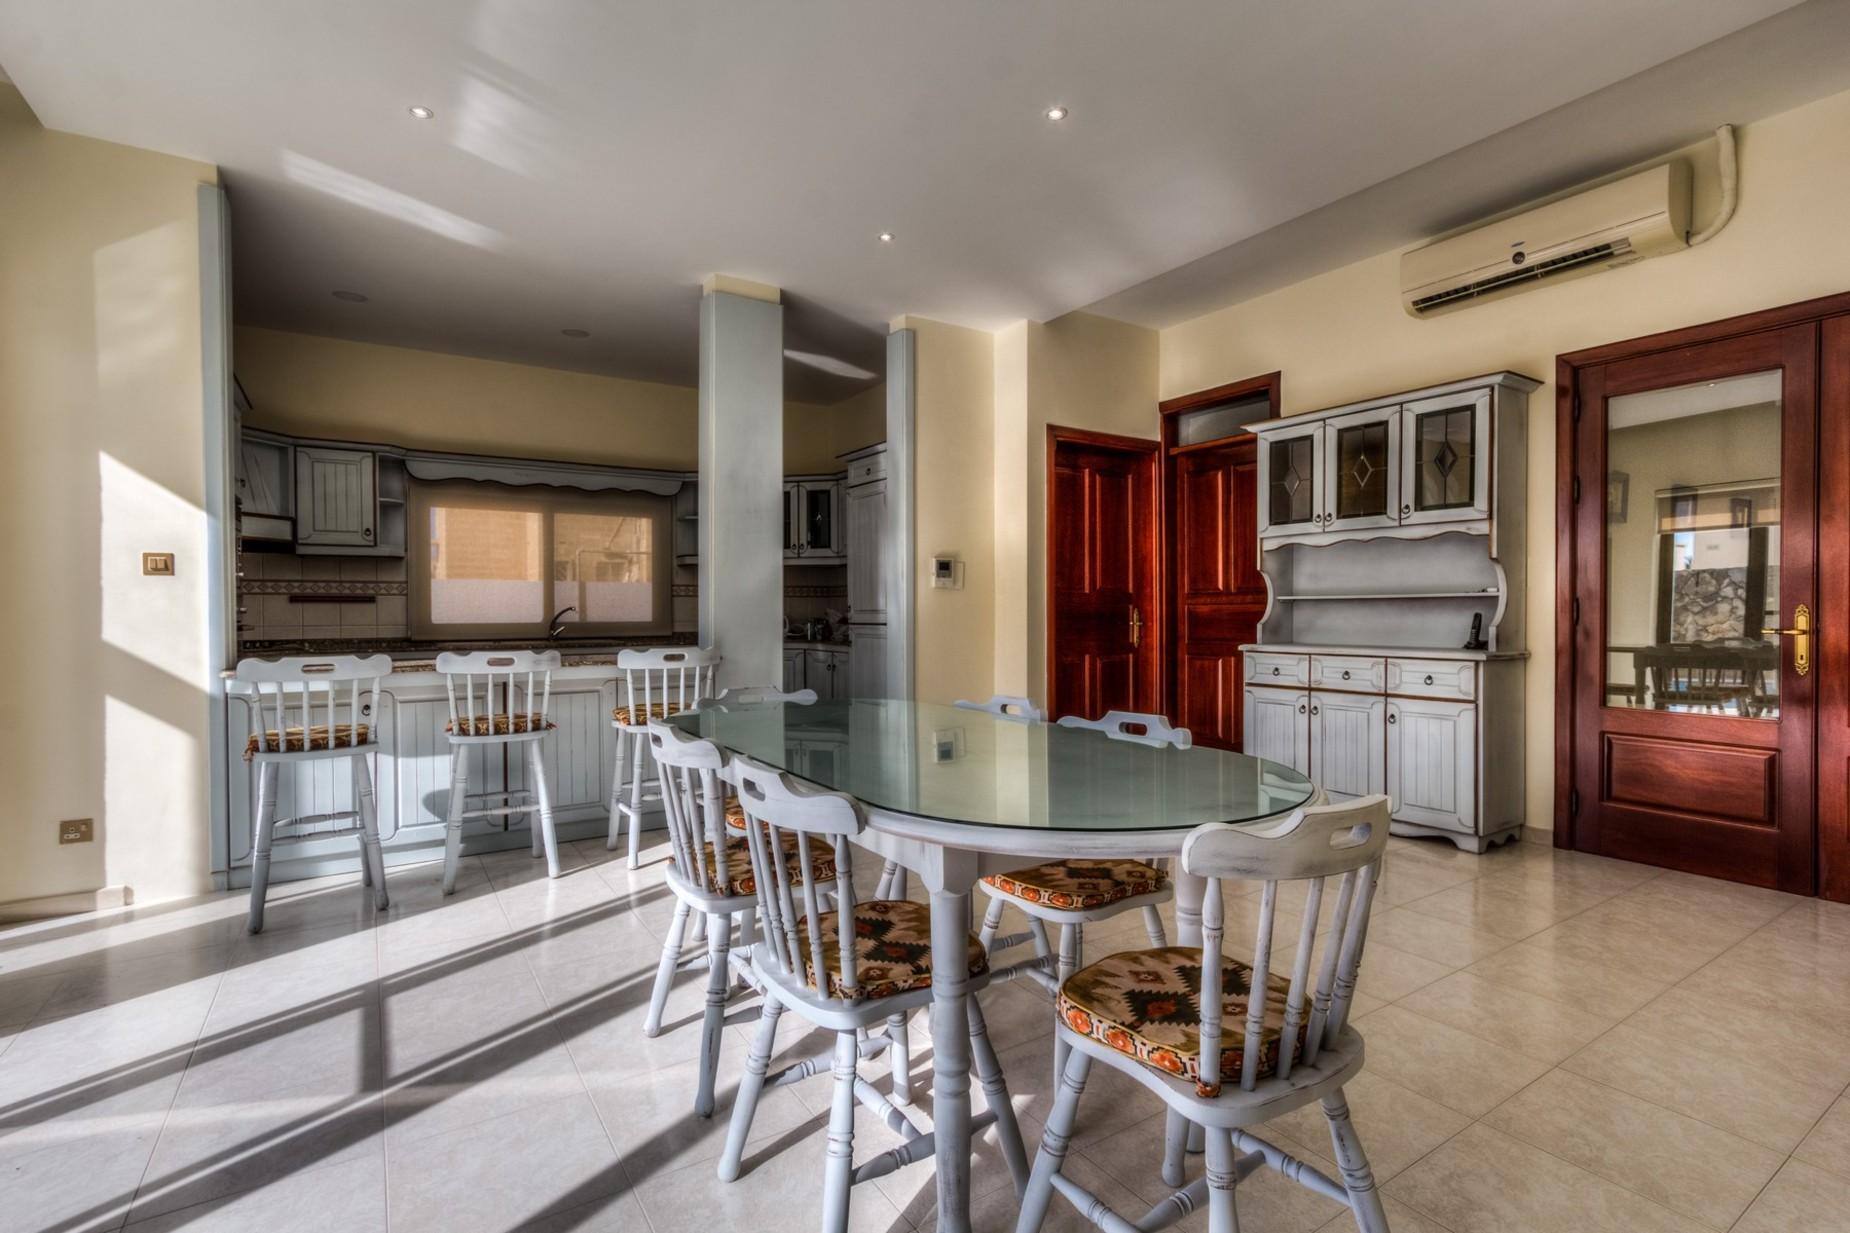 3 bed Villa For Rent in Rabat, Rabat - thumb 4